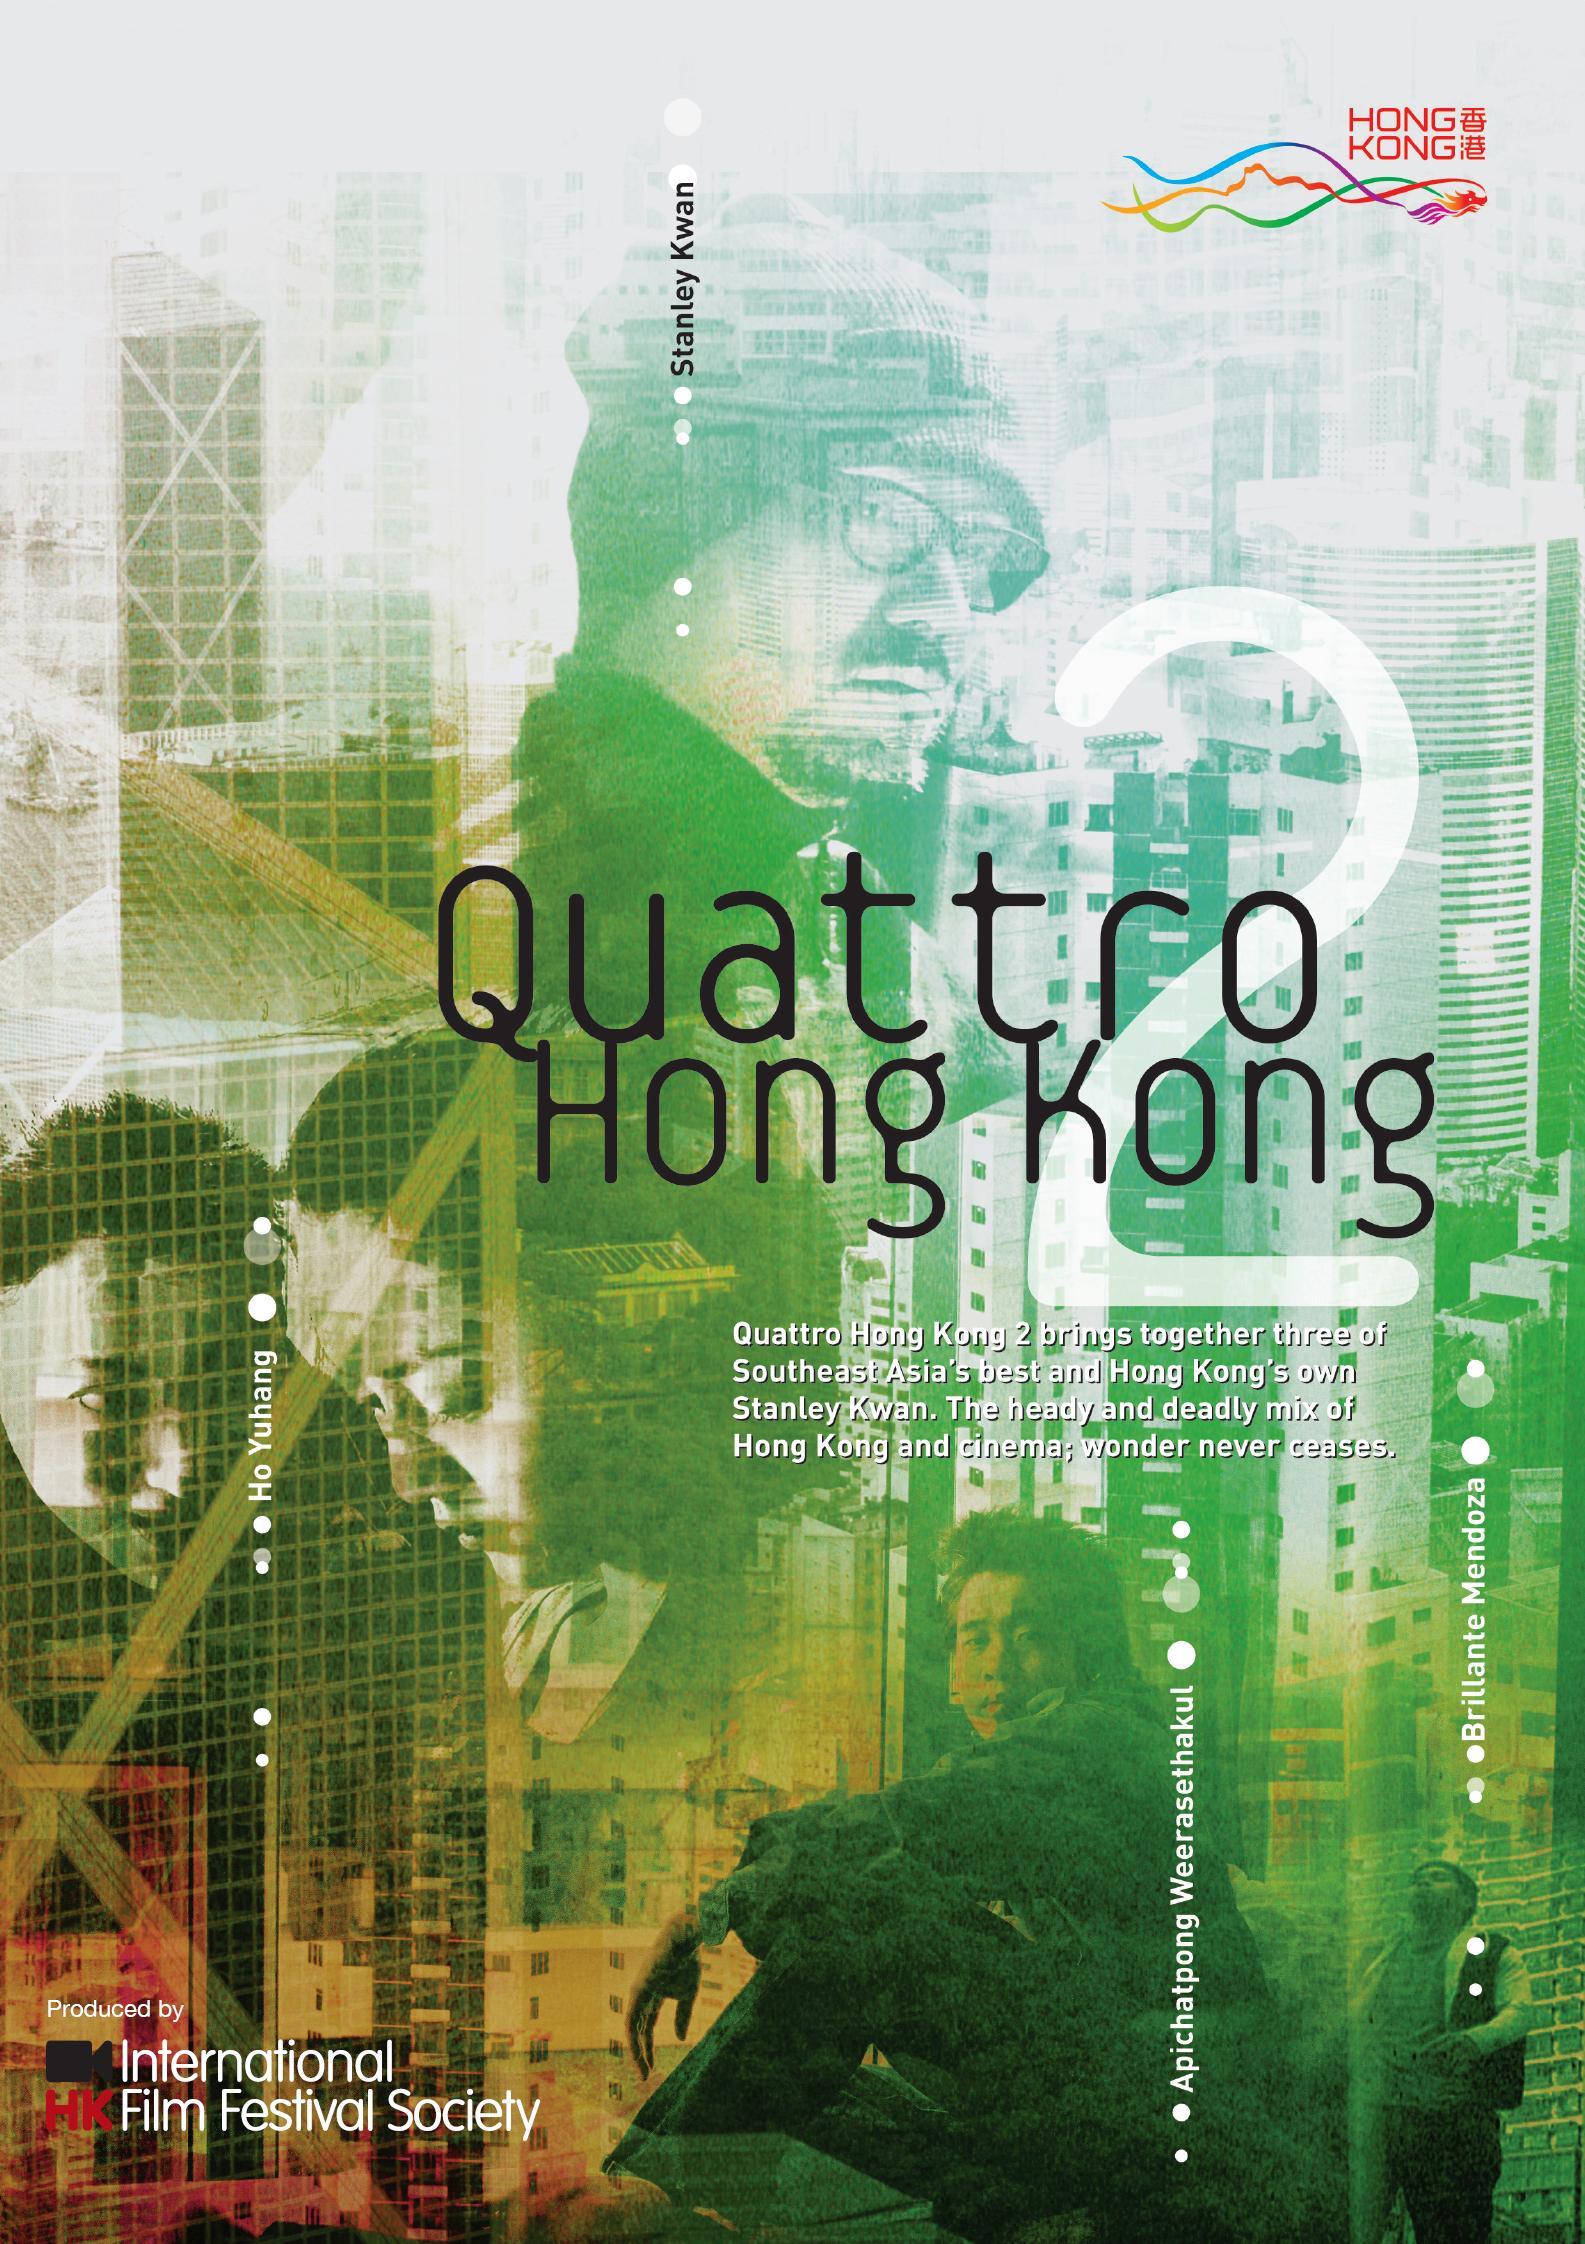 Quattro Hong Kong 2 flyer font